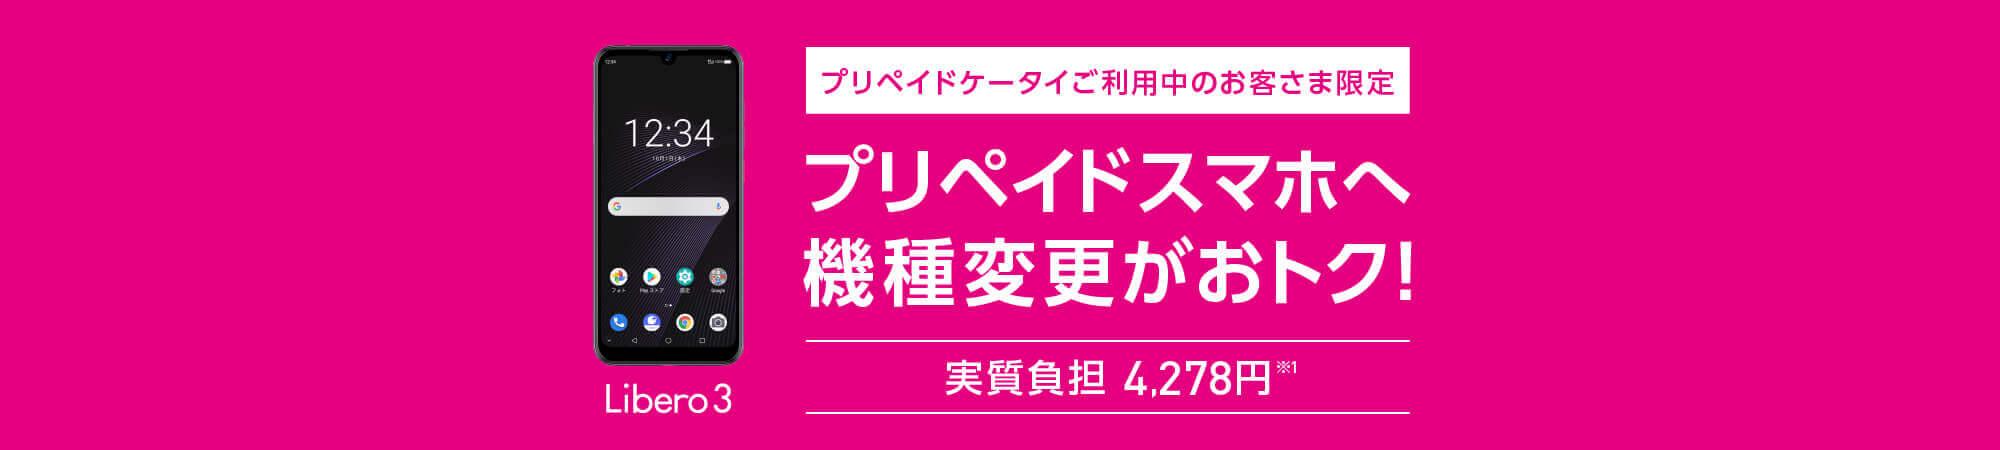 ソフトバンクオンラインショップ機種変更キャンペーンプリペイドスマホ限定実質4278円